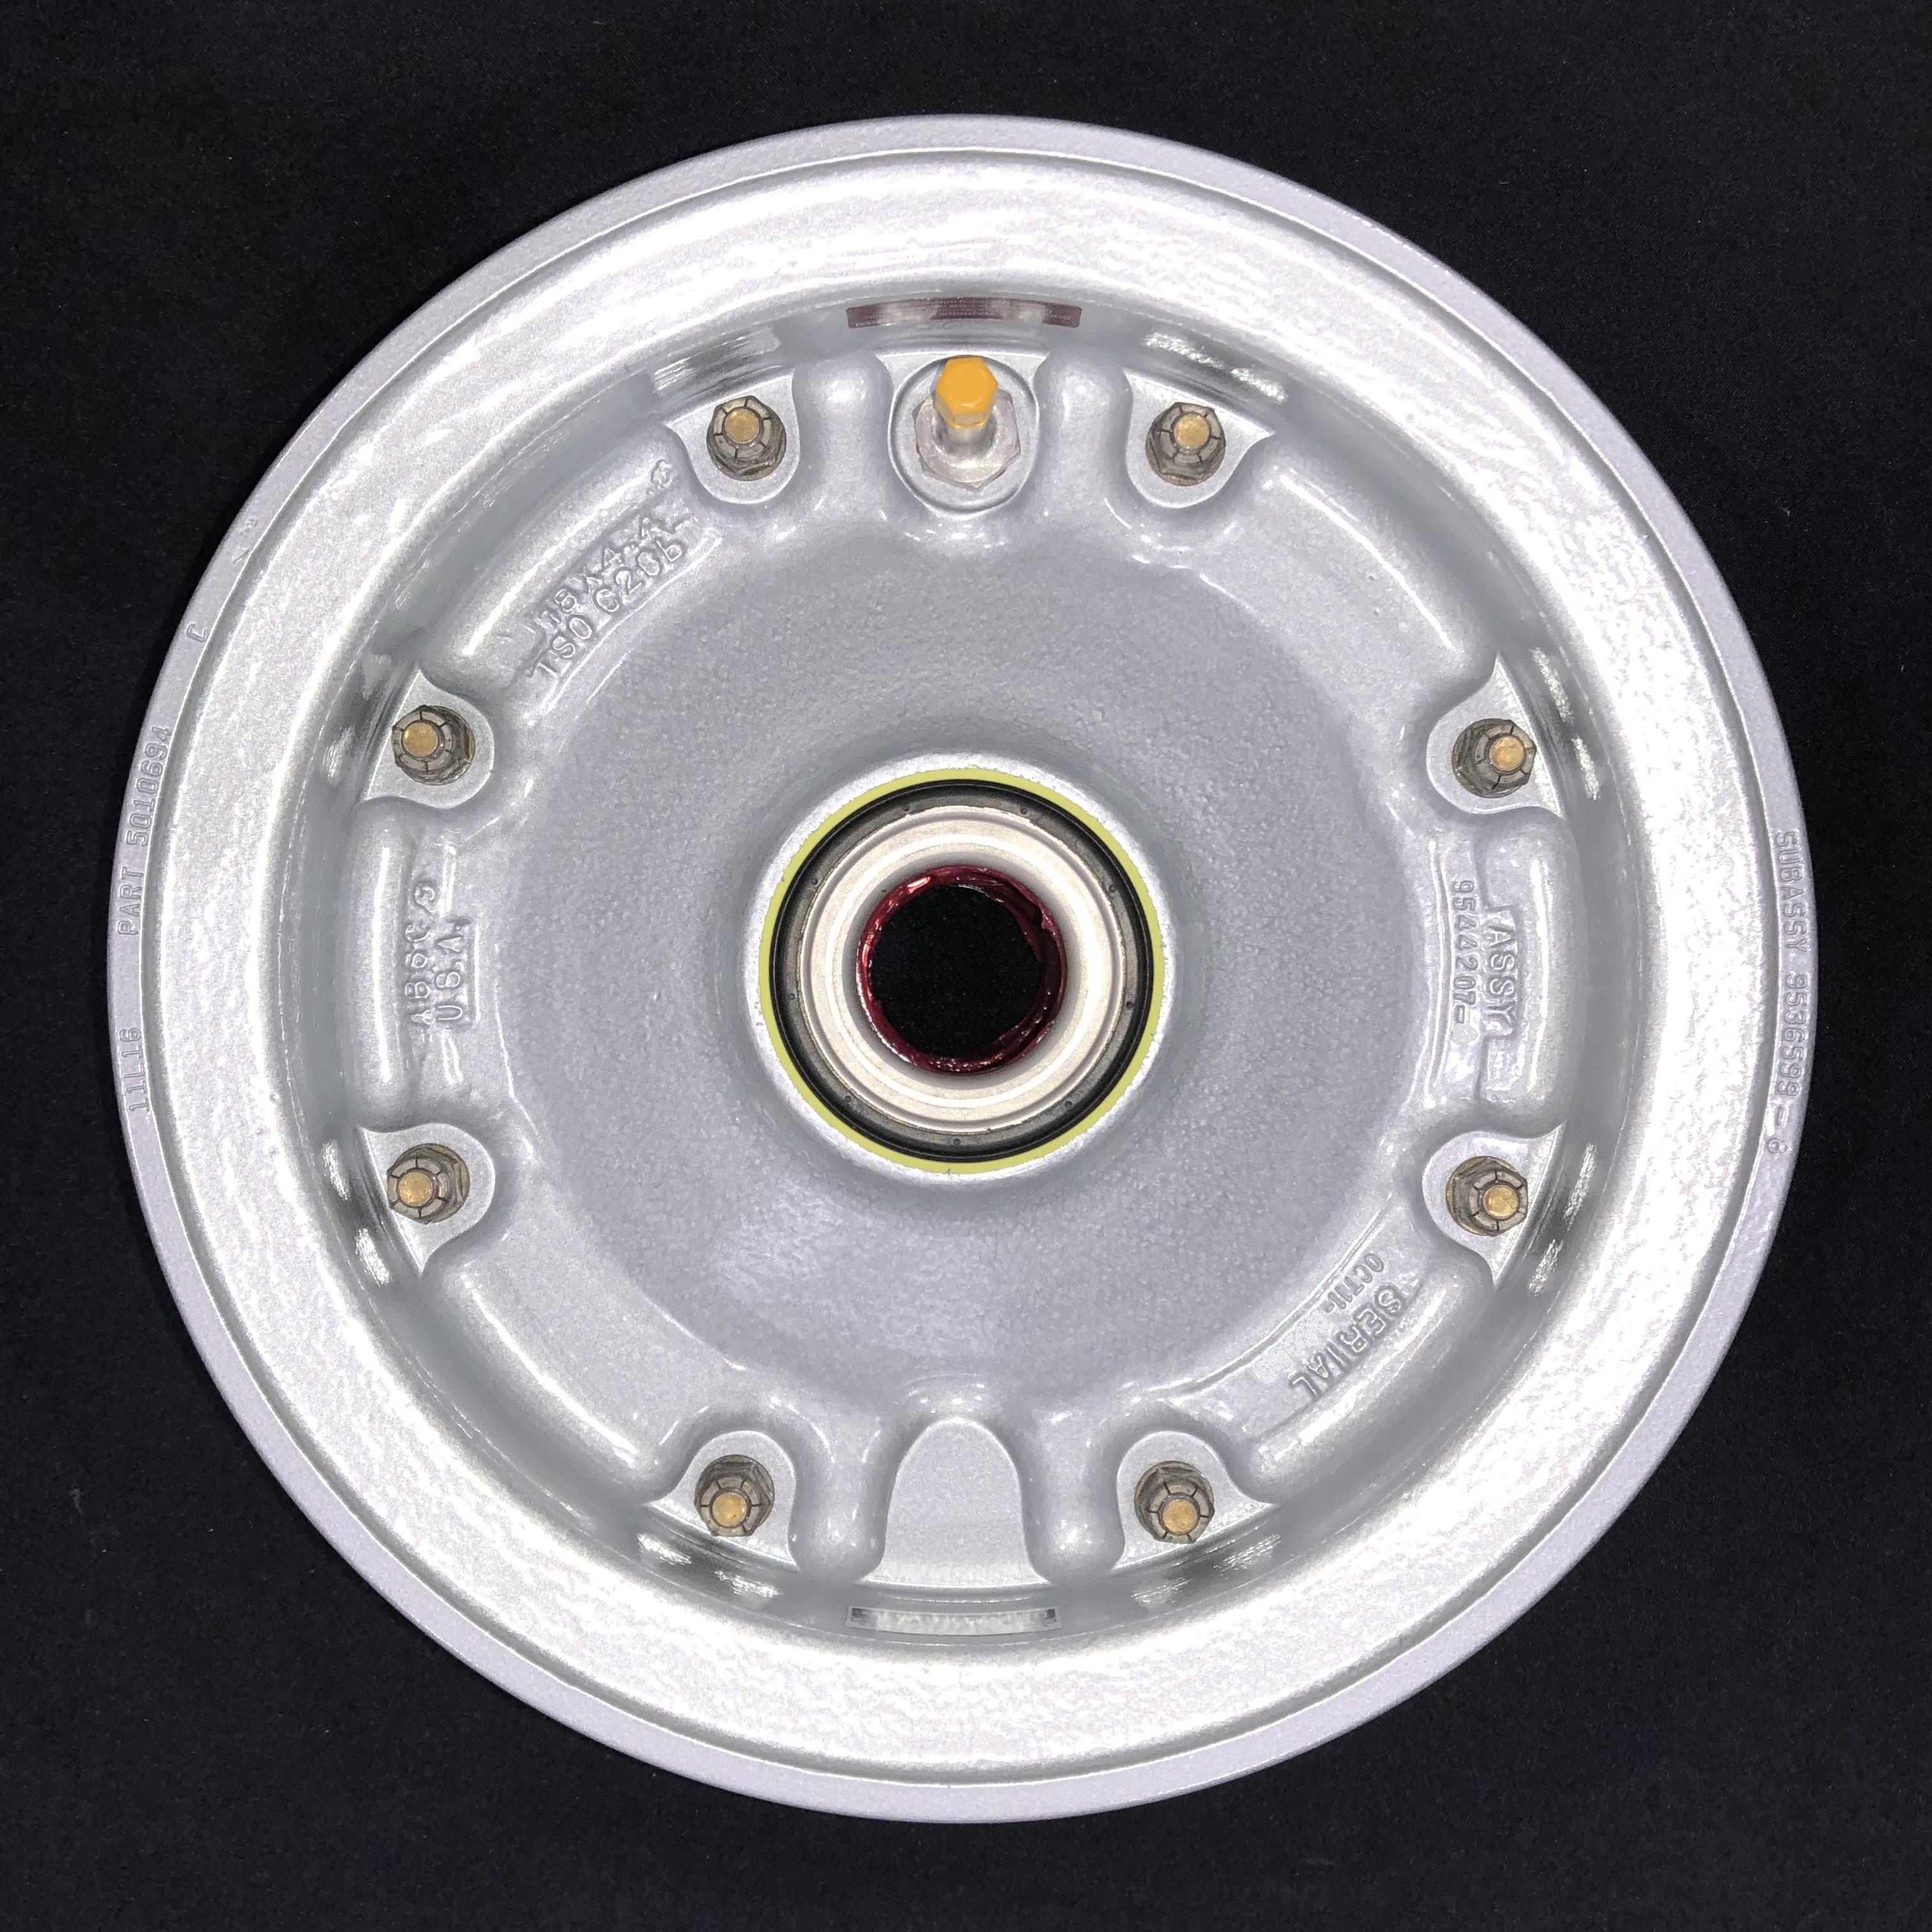 9544207-5 Learjet 60 Meggitt nose wheel